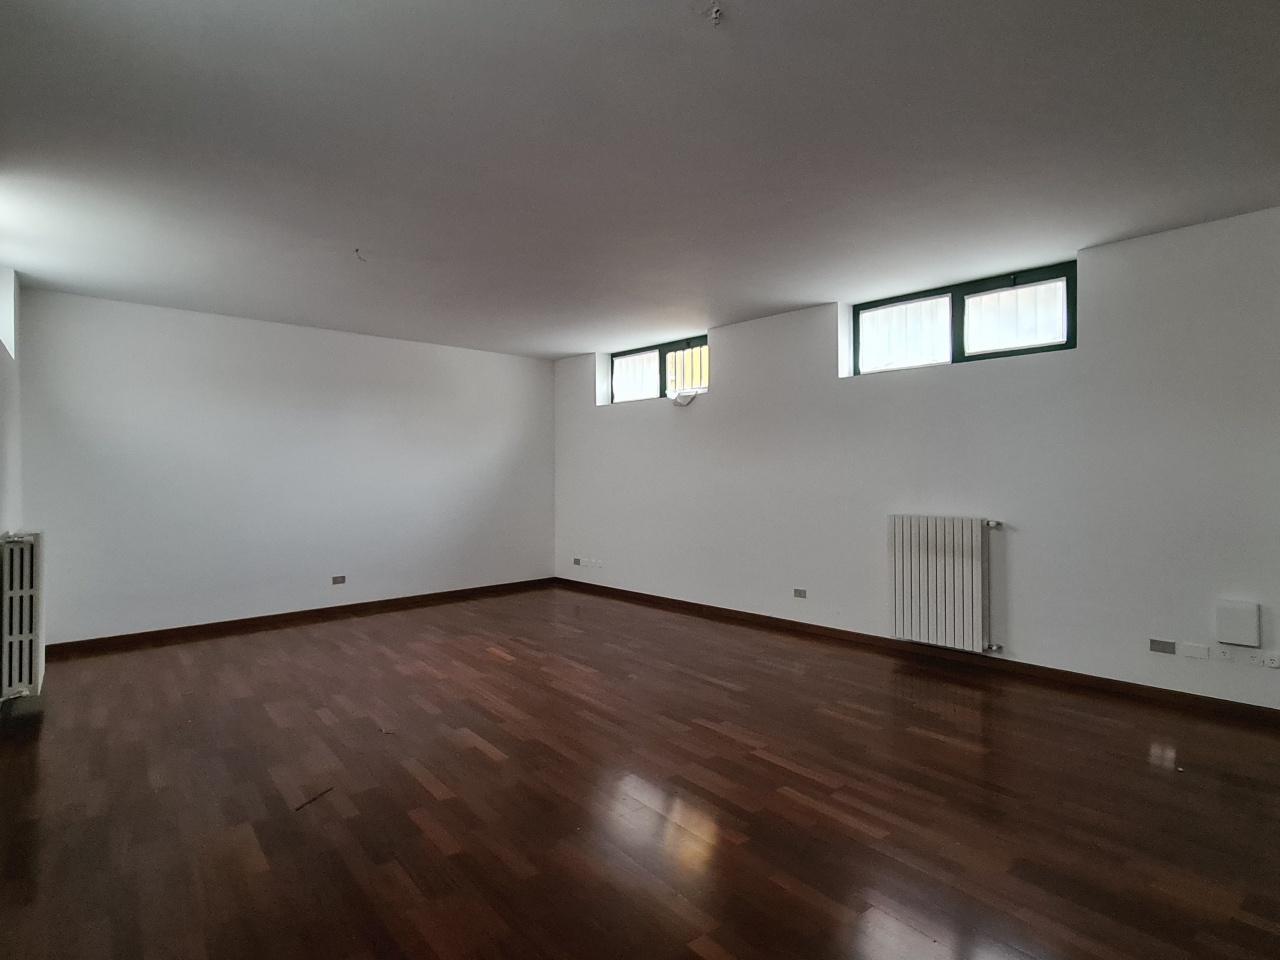 Ufficio / Studio in vendita a Treviglio, 3 locali, prezzo € 90.000 | PortaleAgenzieImmobiliari.it